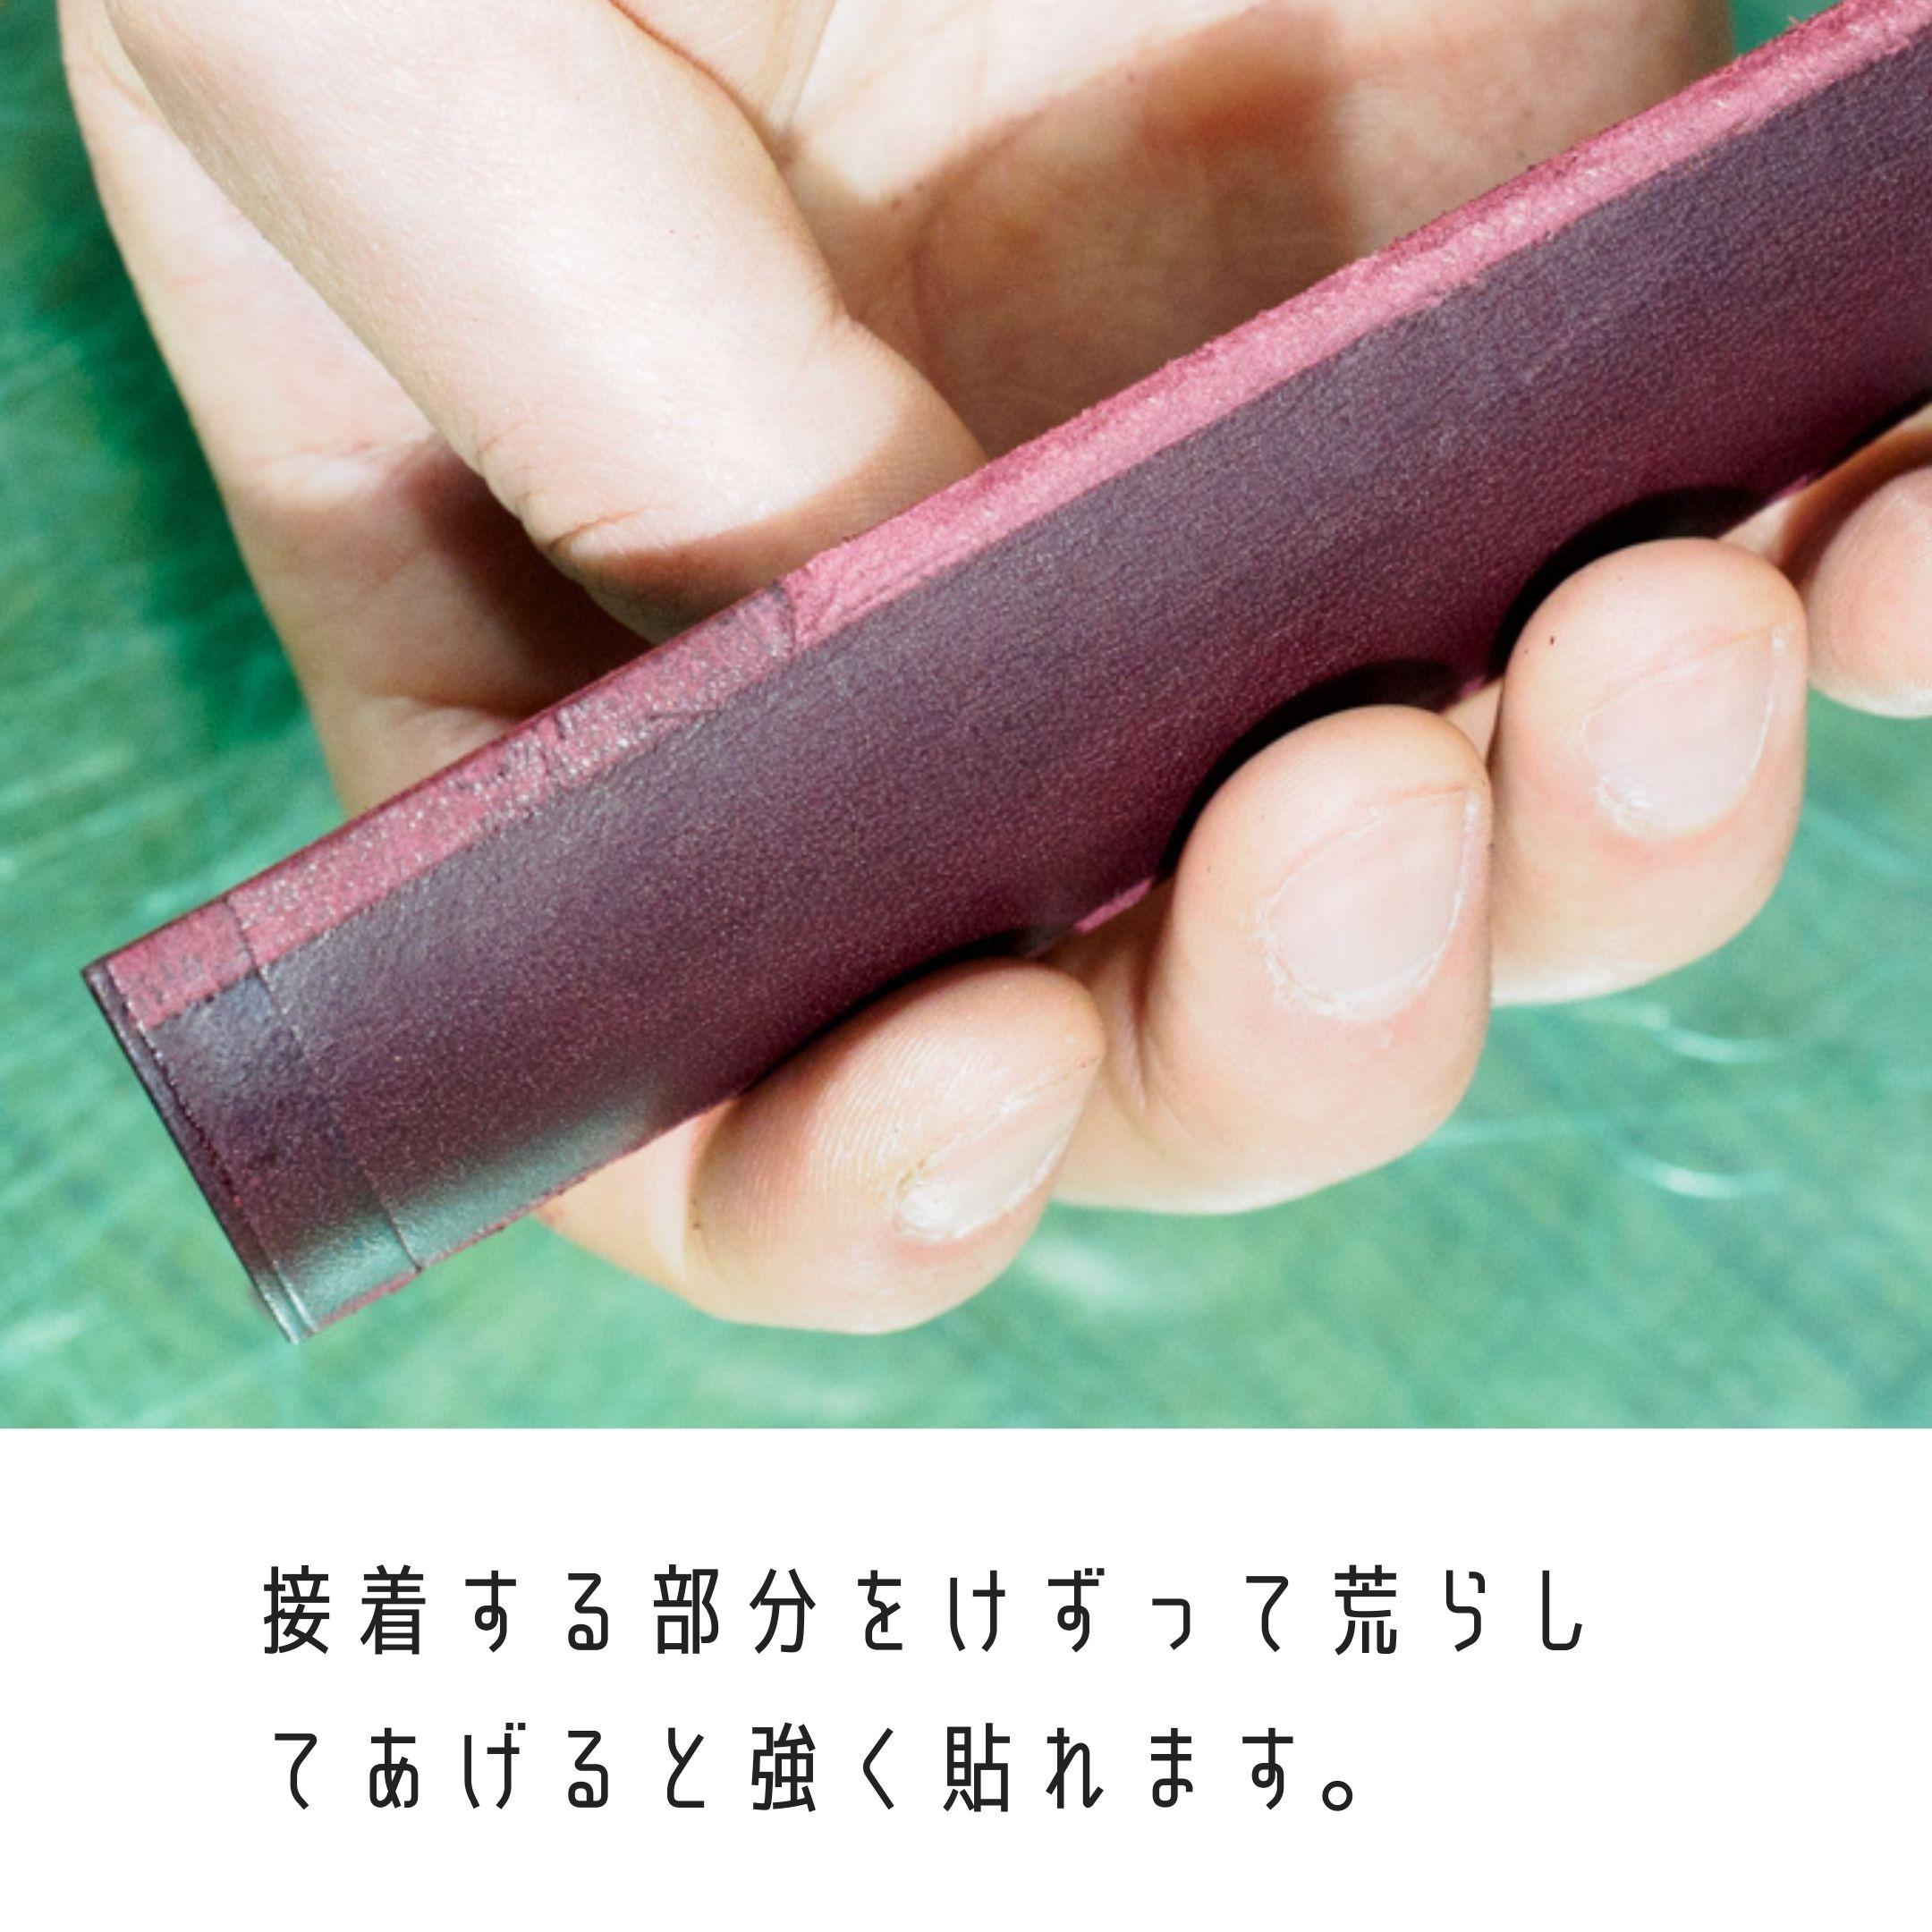 革のツルツルな層を削ると接着しやすくなる